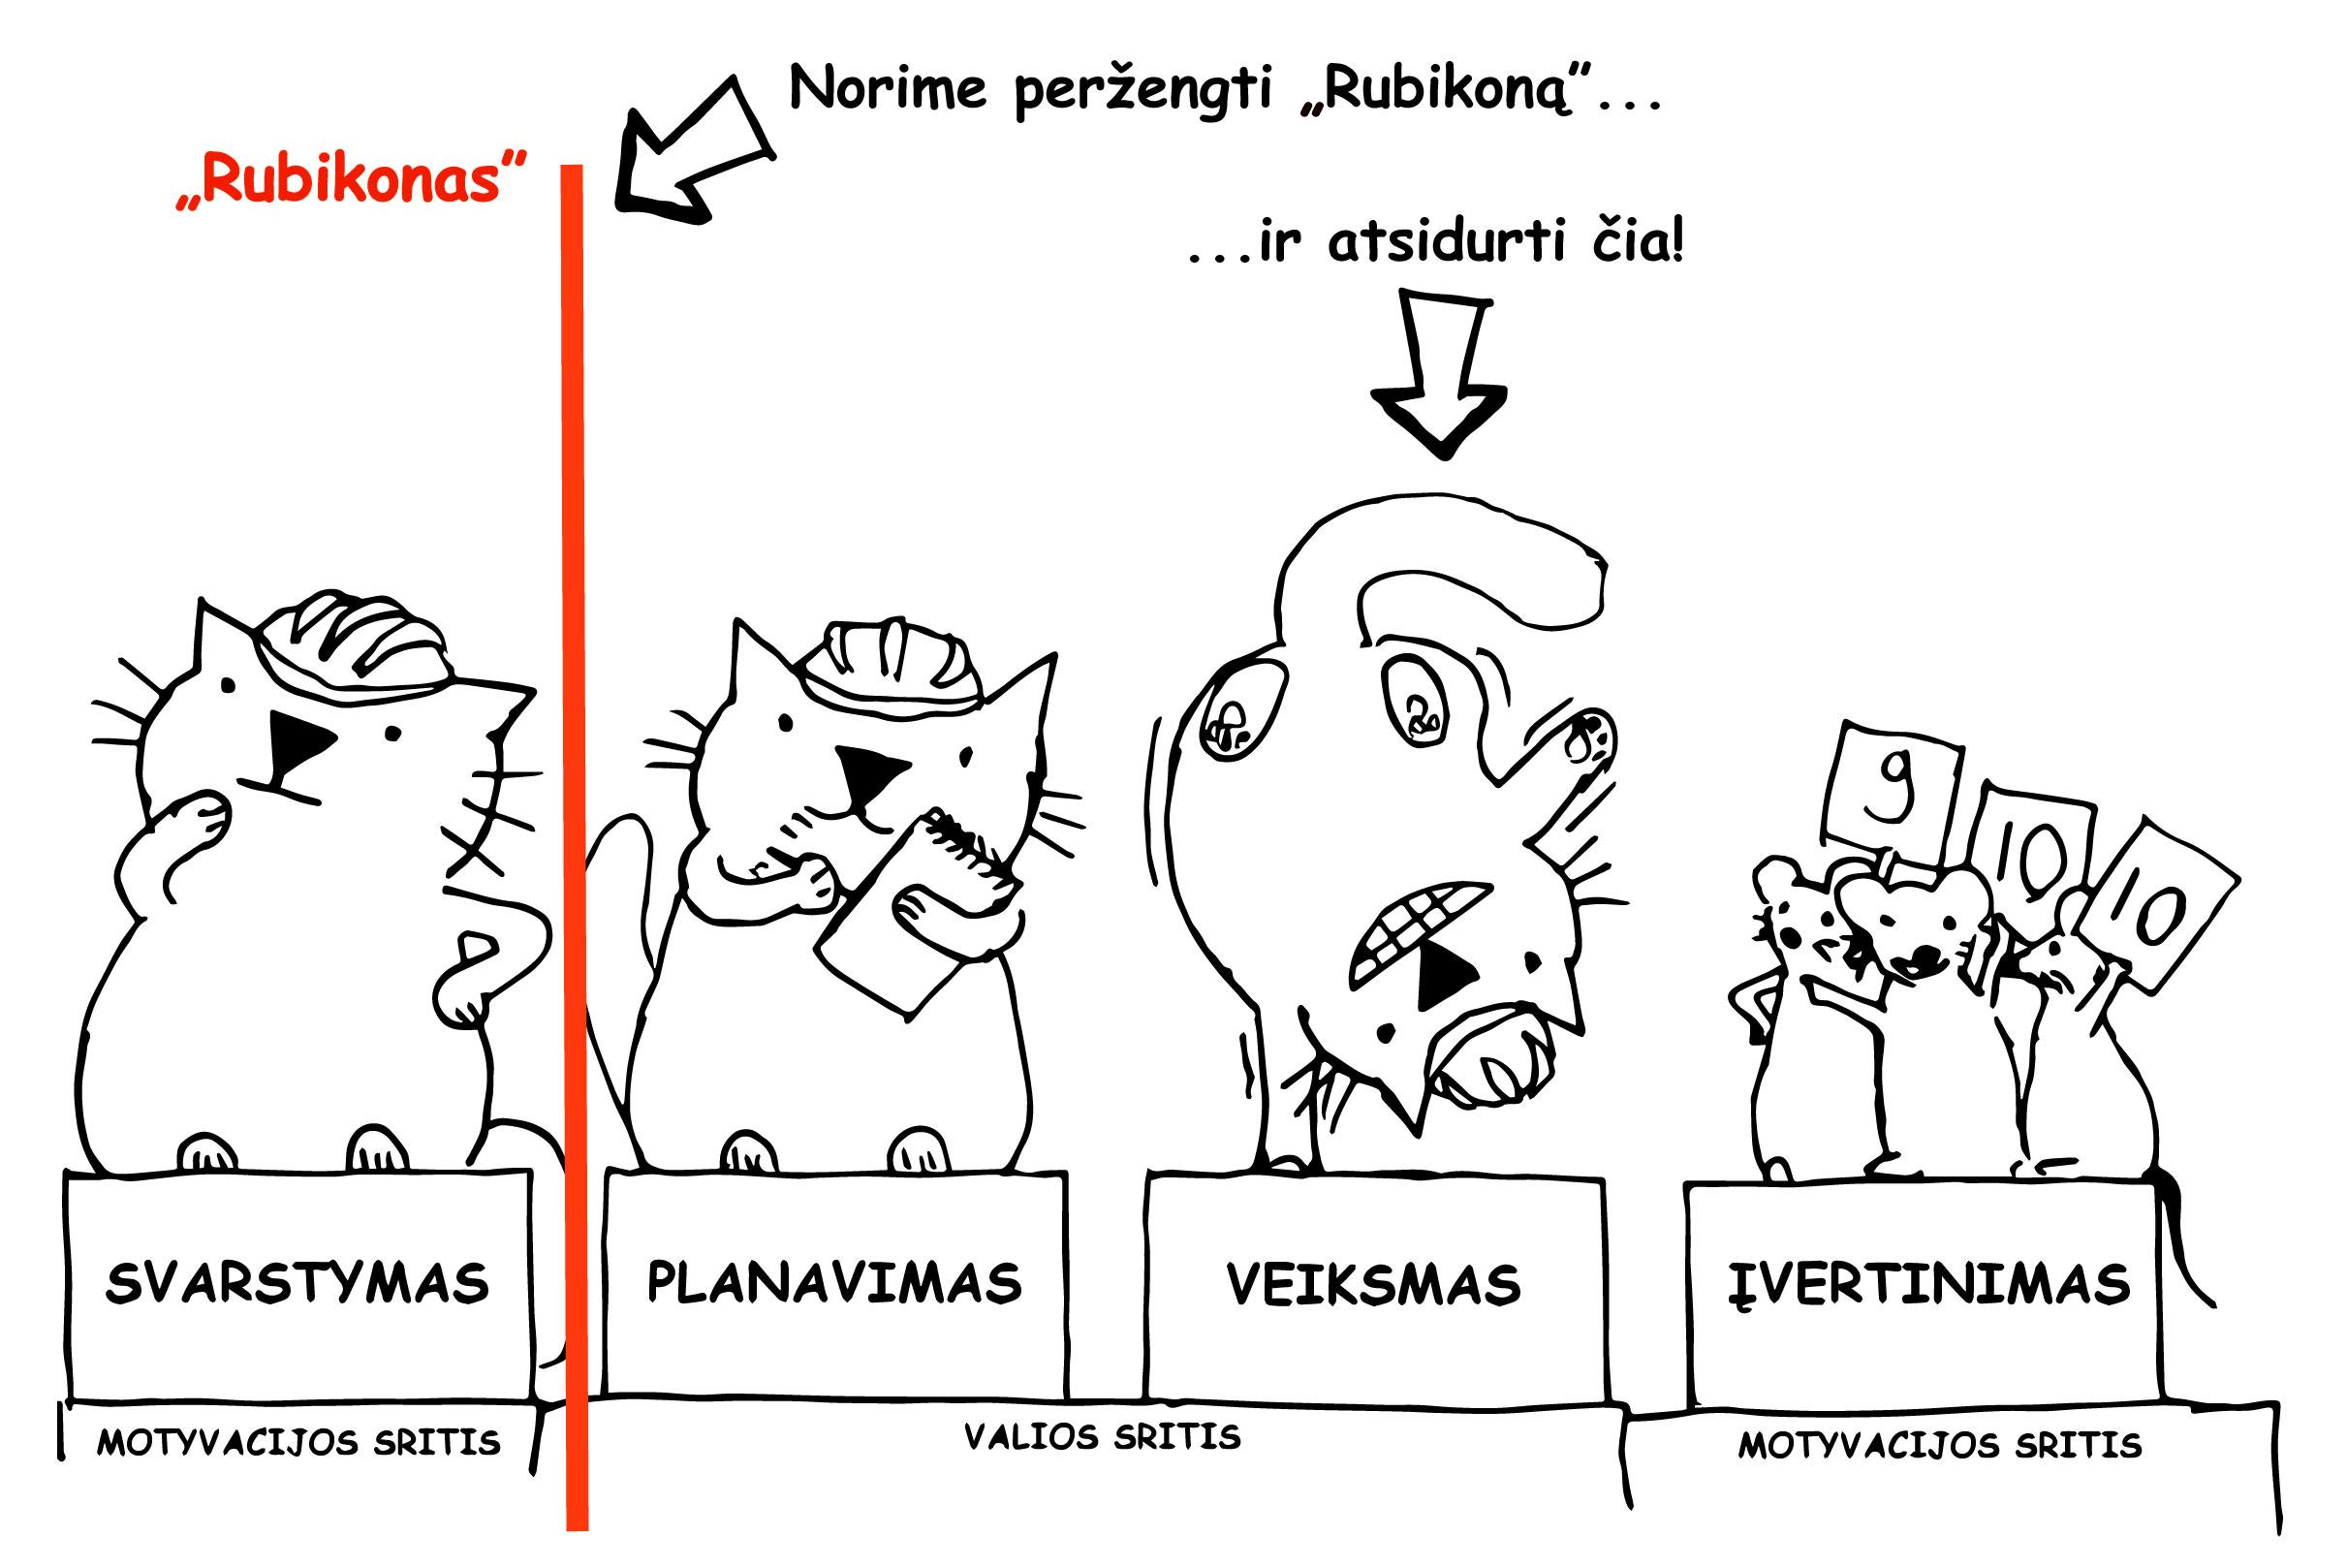 """Nupiešta pagal veiksmo fazių """"Rubikono modelį"""" (H. Heckhausen & Gollwitzer, 1987). Paprastai planavimo fazė yra praleidžiama, jeigu yra galimybė veiksmą atlikti betarpiškai."""